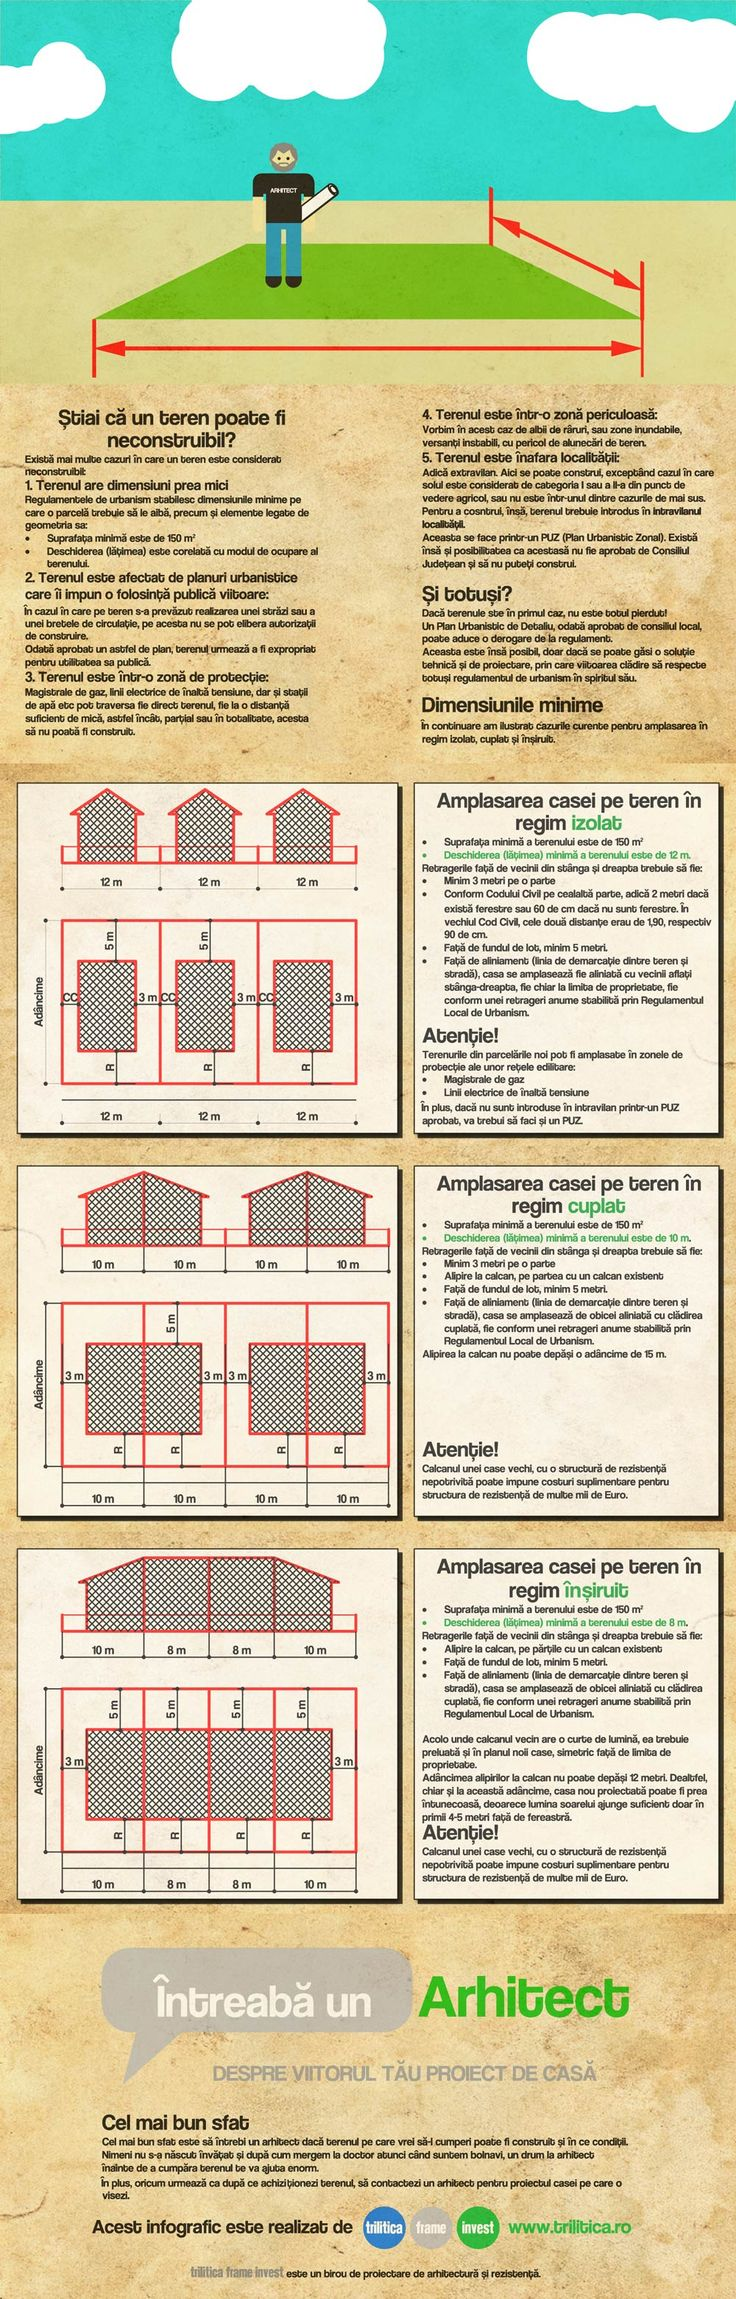 Dimensiuni minime pentru terenuri de case - infographic